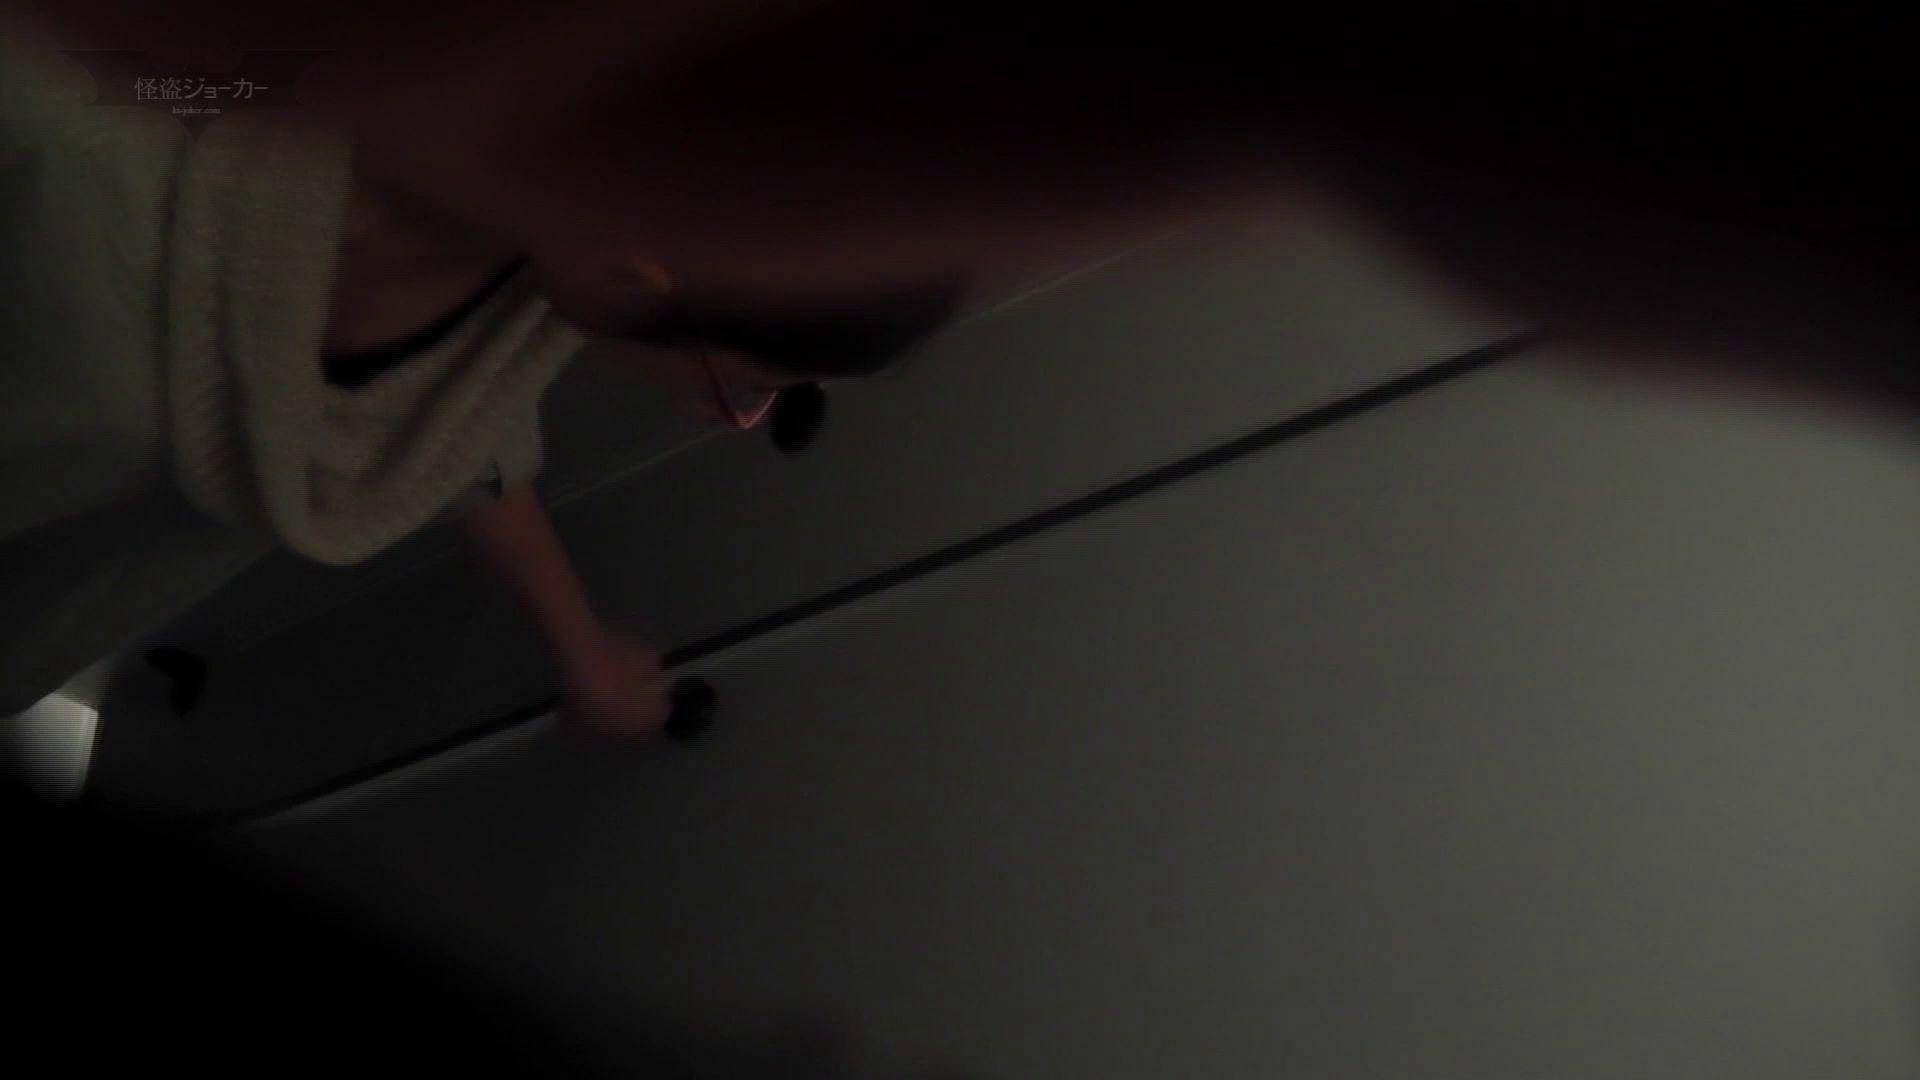 潜入!!台湾名門女学院 Vol.10 進化 美女ハメ撮り  110Pix 5